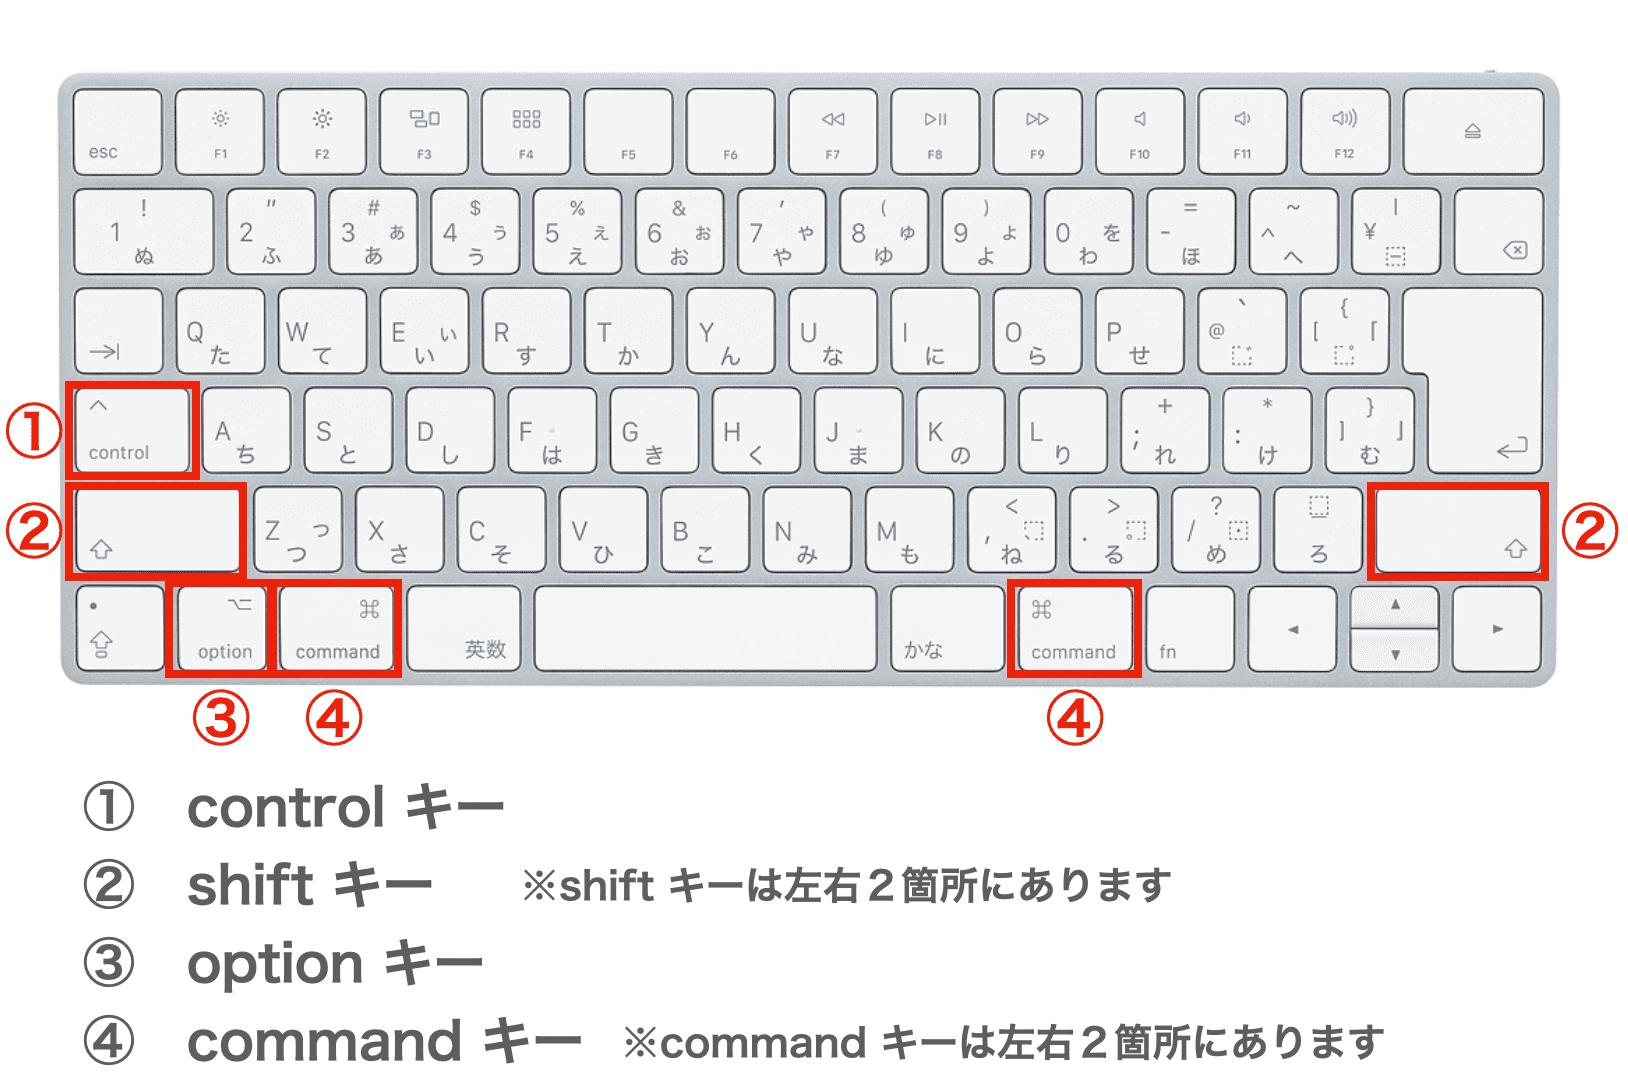 Macのショートカットキーでよく使う4つのキー